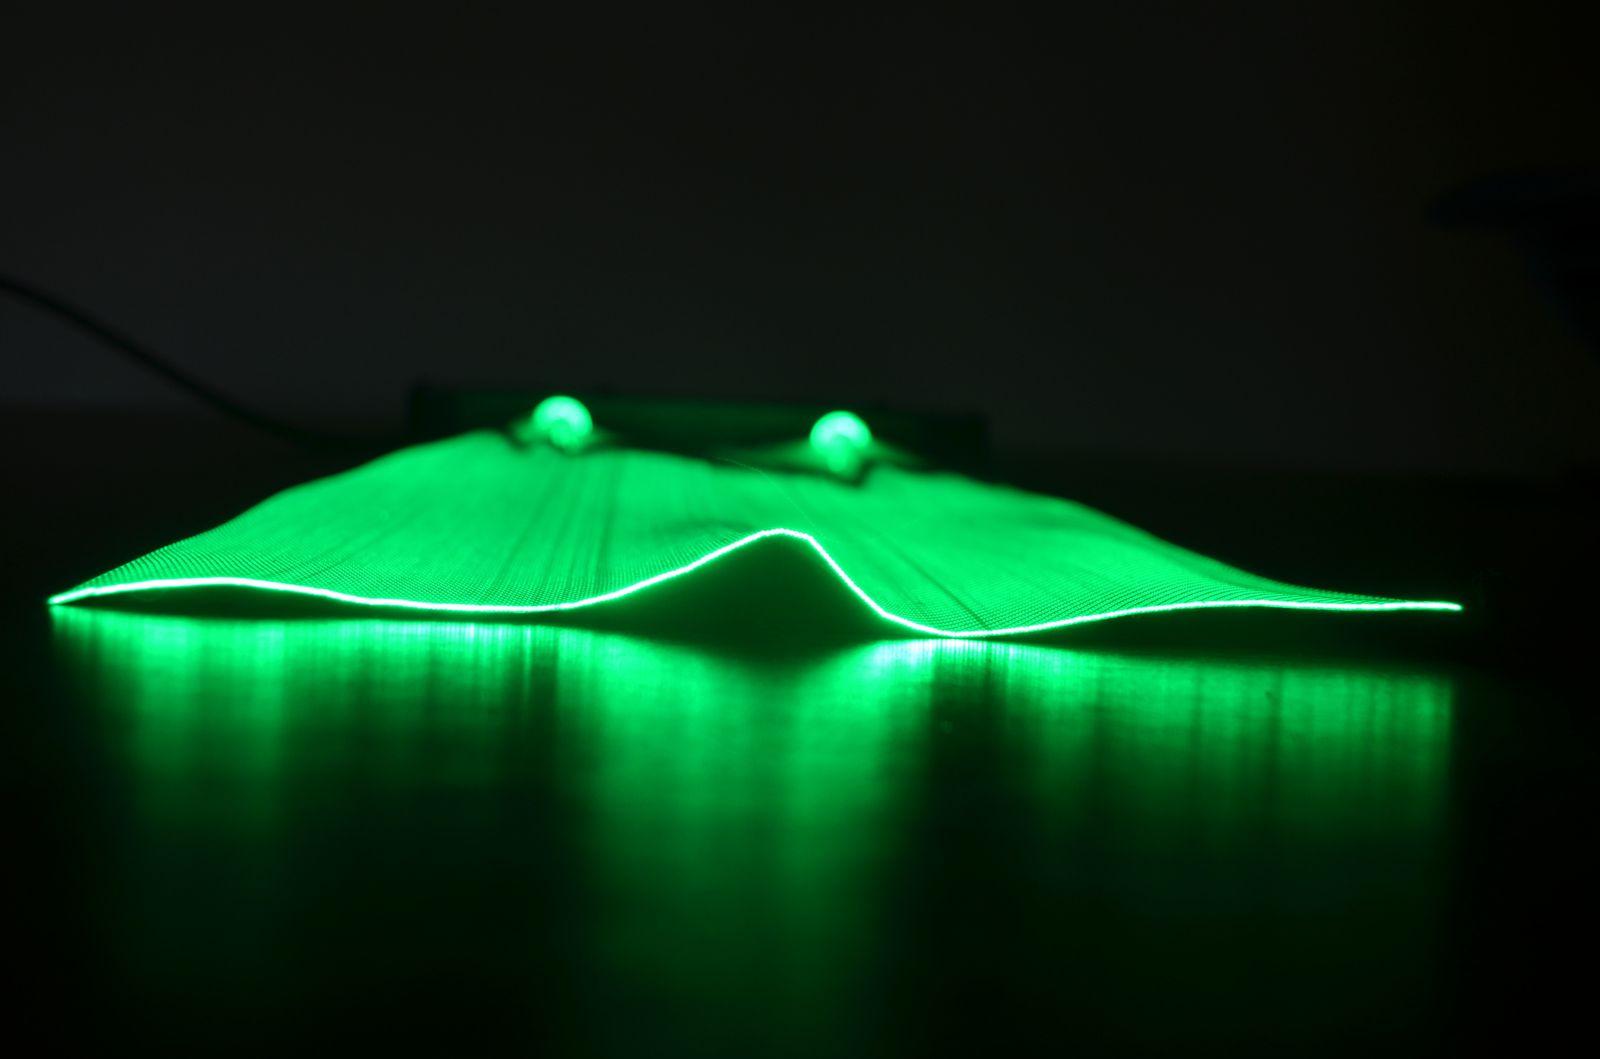 Fiber optic fabric - luminous fabric - illuminated fabric - luminous textile - luminous decor - luminous fabric - luminous panels -